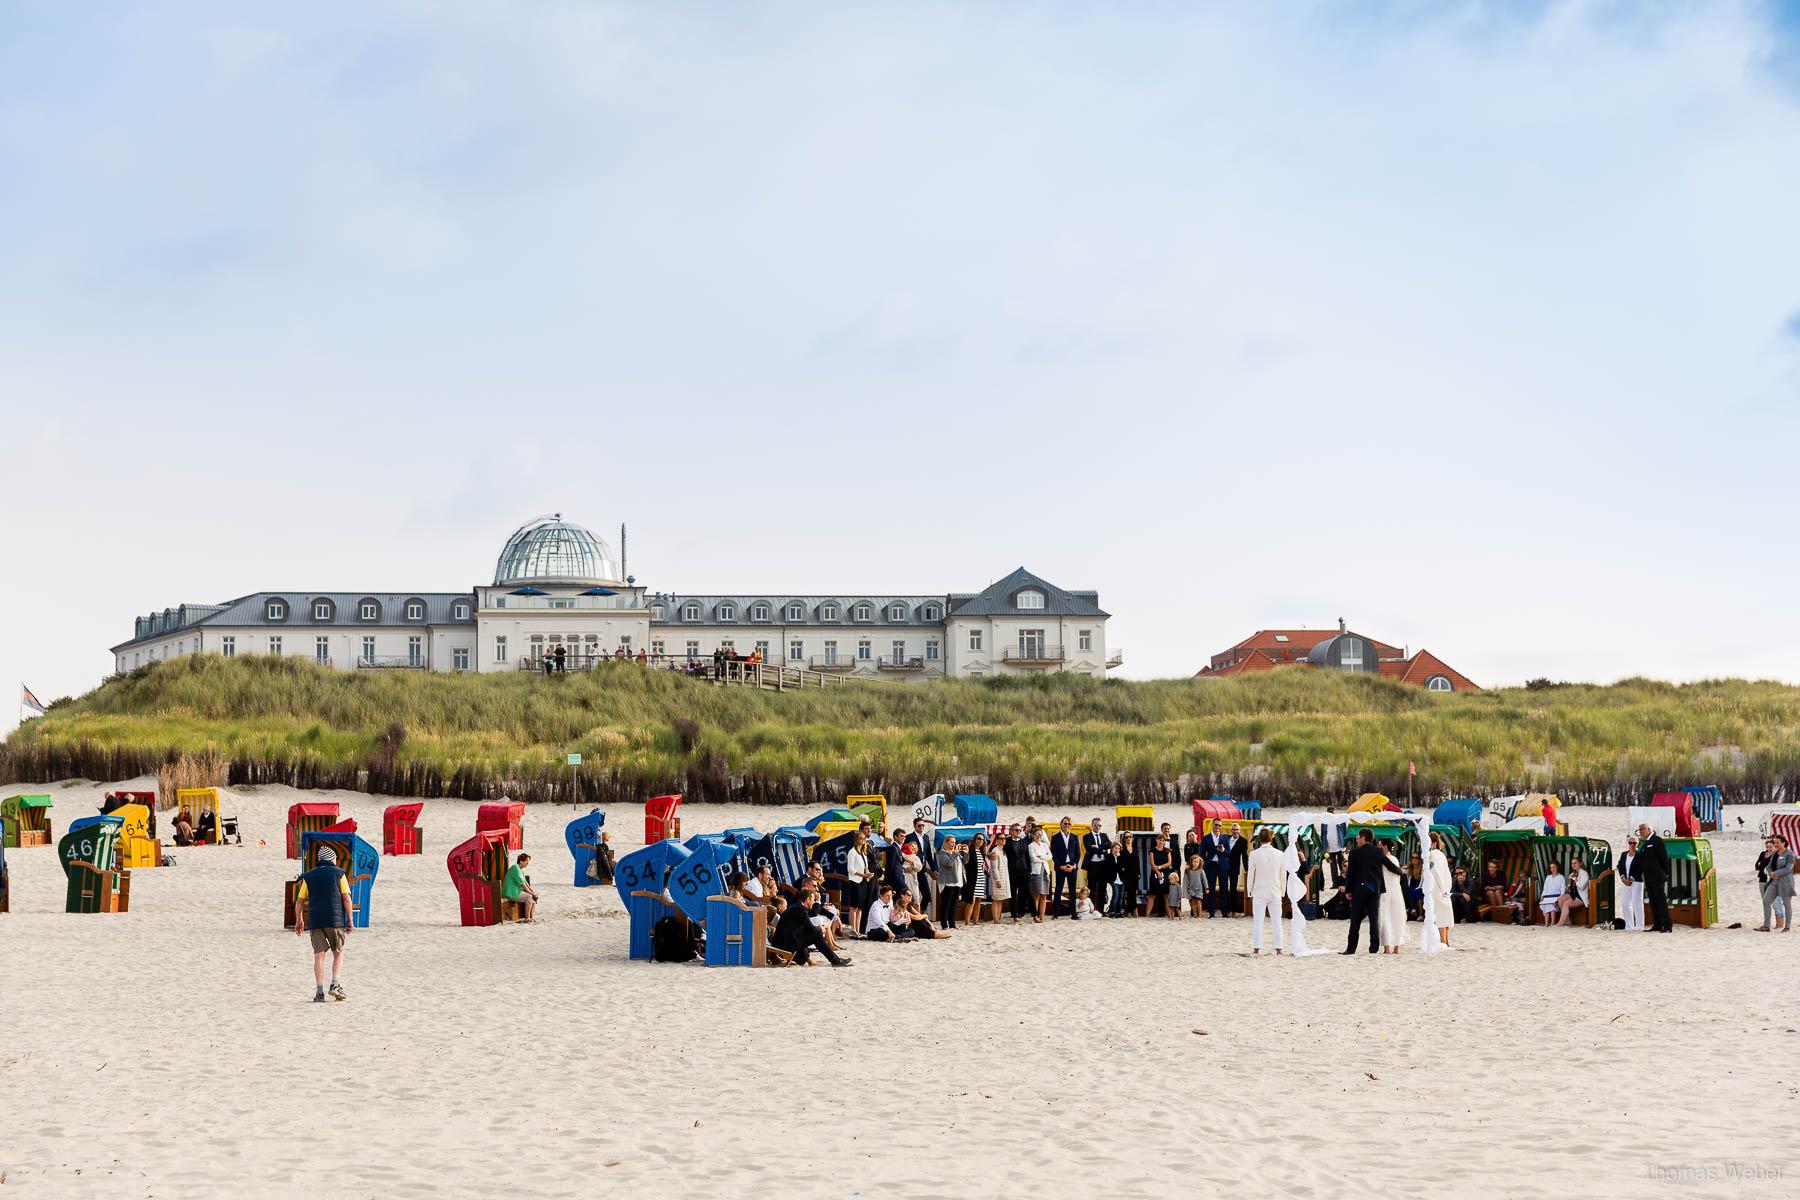 Hochzeitsfotograf Ostfriesland für schöne Hochzeitsfotos auf der Nordseeinsel Juist, Heiraten auf Juist